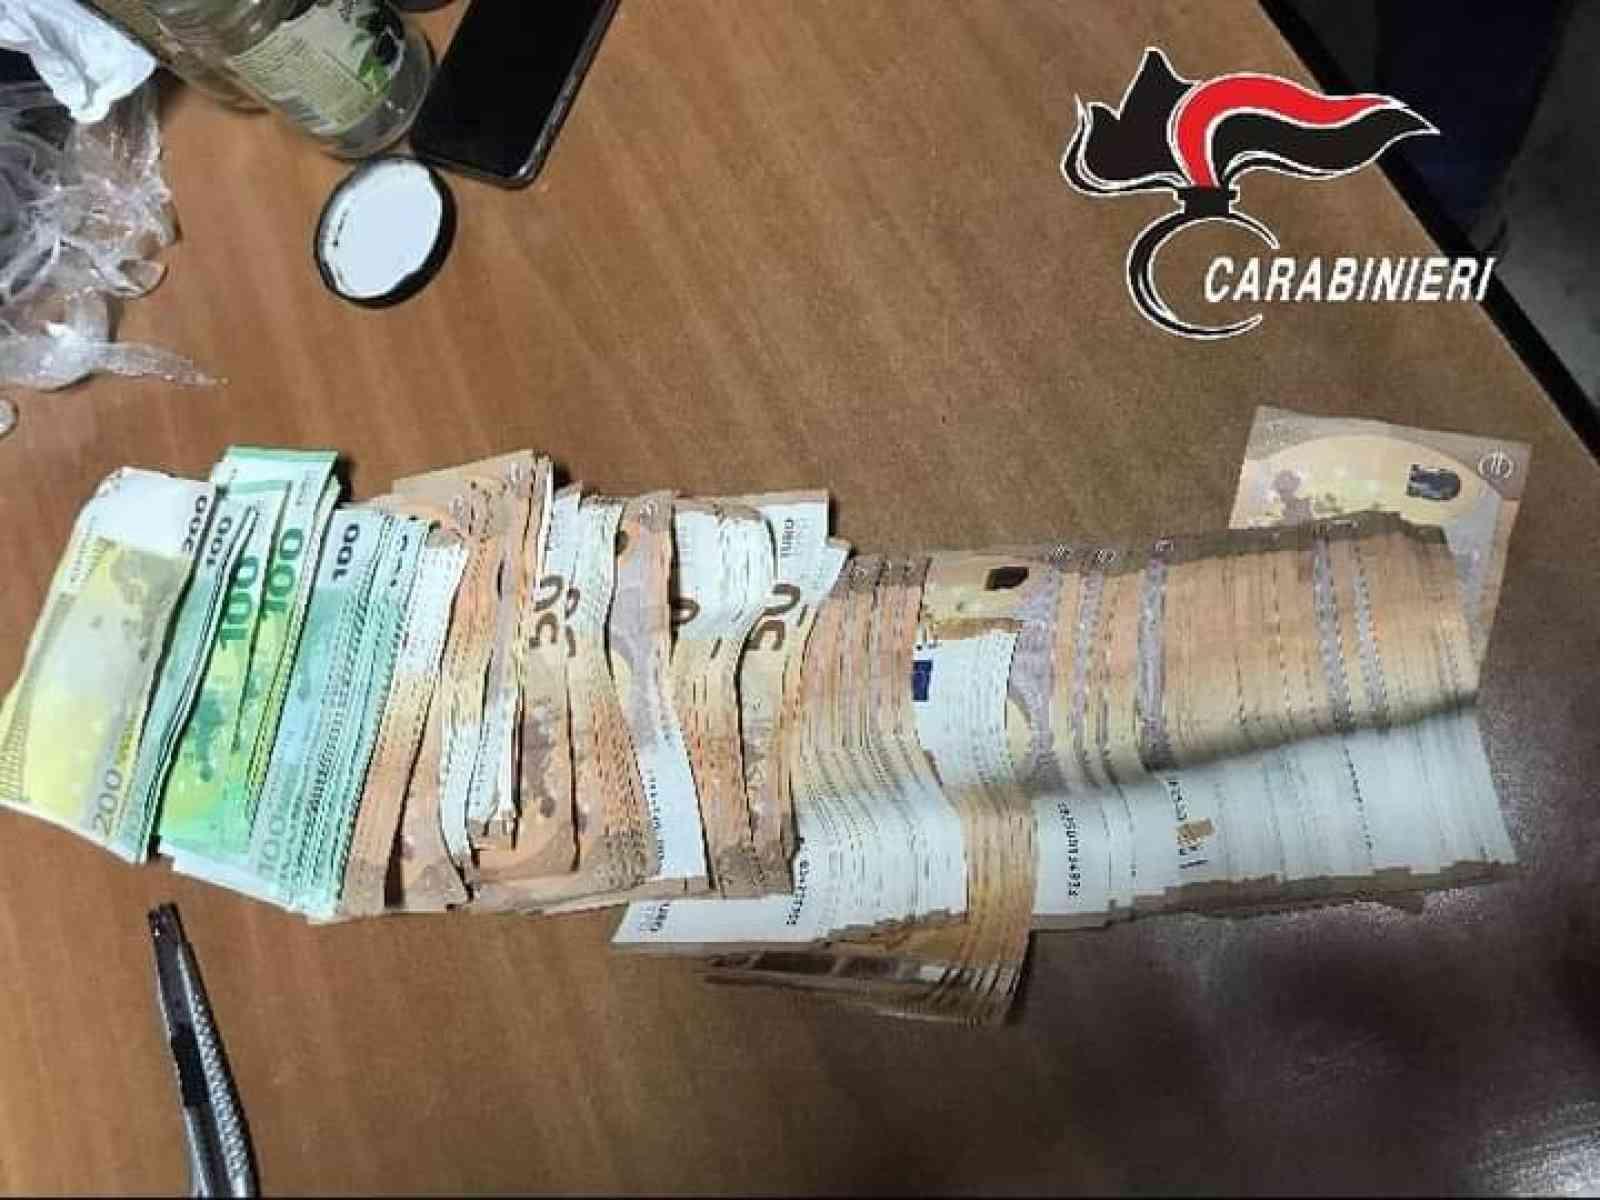 Immagine articolo: Tre misure cautelari per droga a Ribera e sequestrati dai carabinieri 12 mila euro nascosti in barattoli sepolti nel terreno in campagna